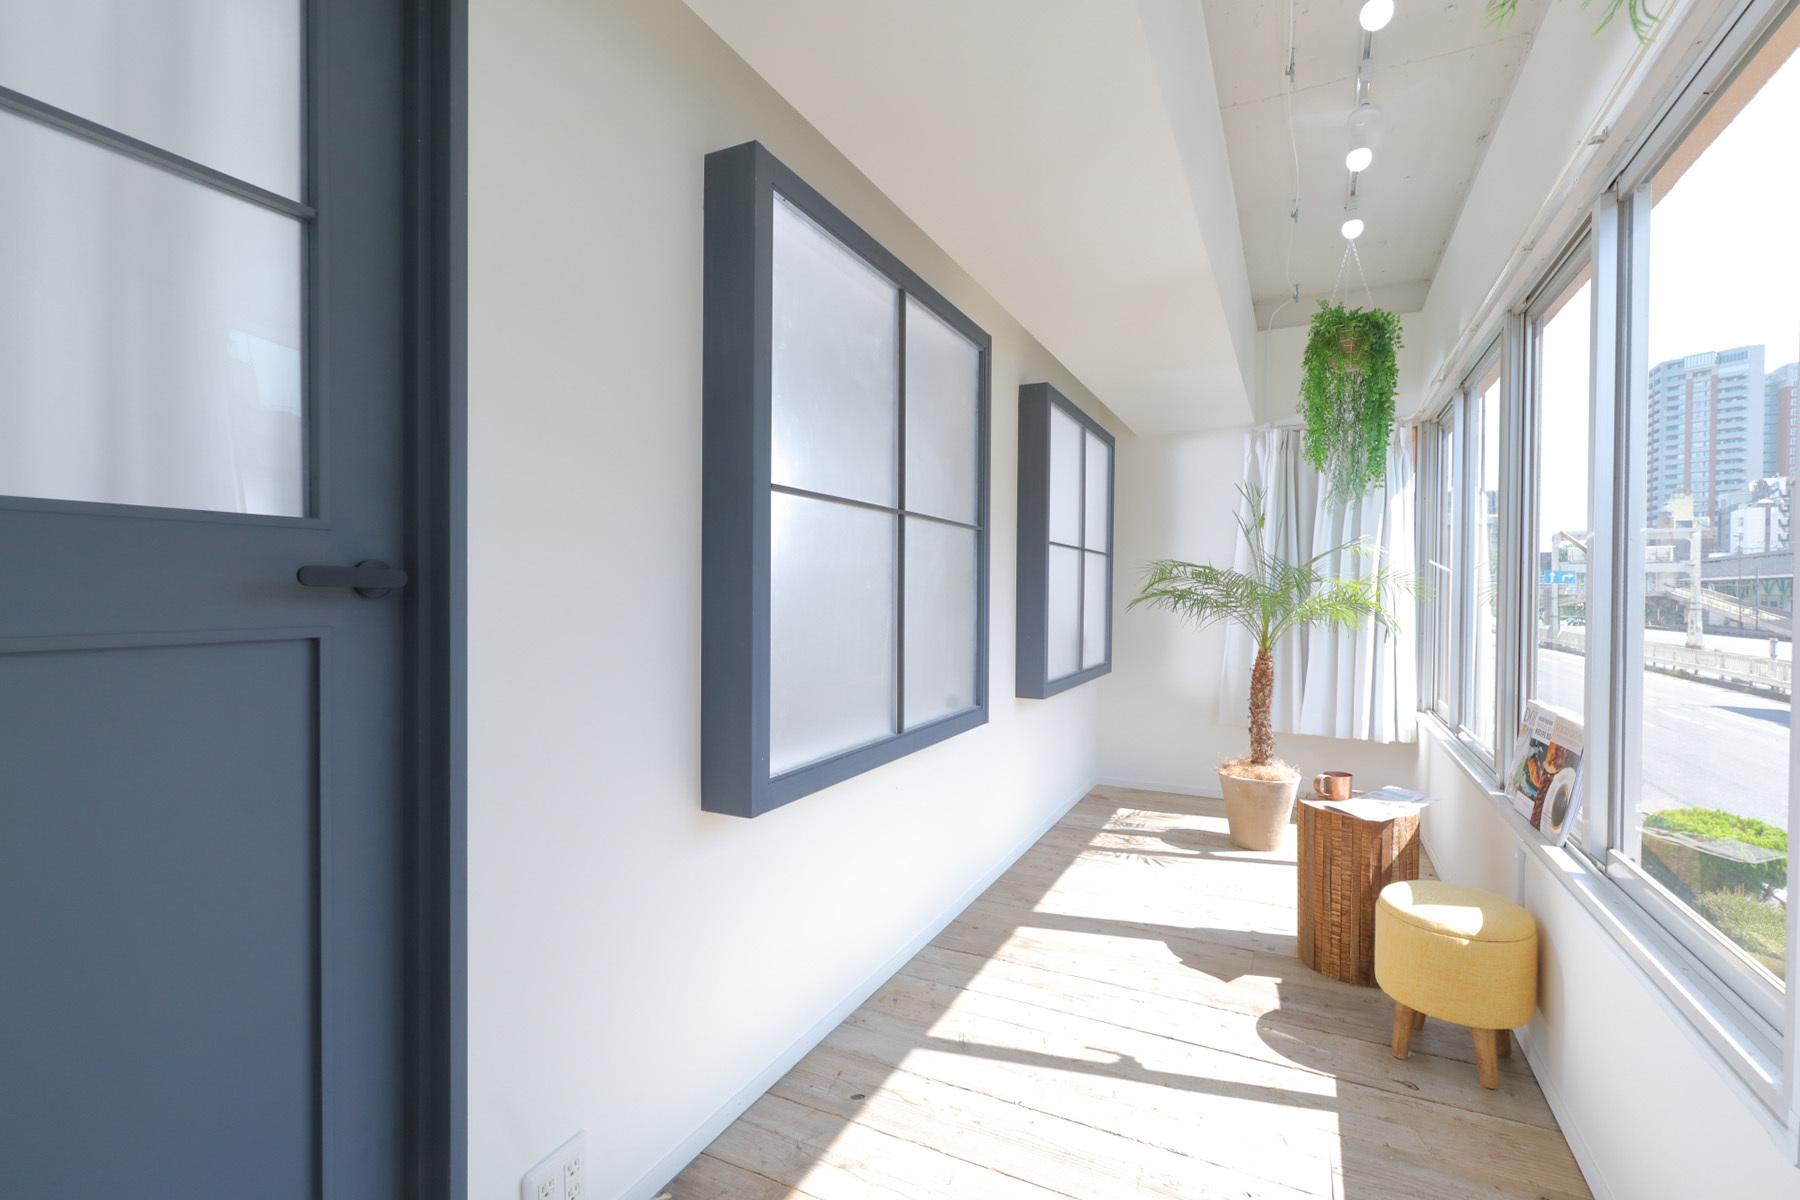 STUDIO FOXTAIL Bst (スタジオ フォックステイル Bst)階段の窓から入るやさしい自然光